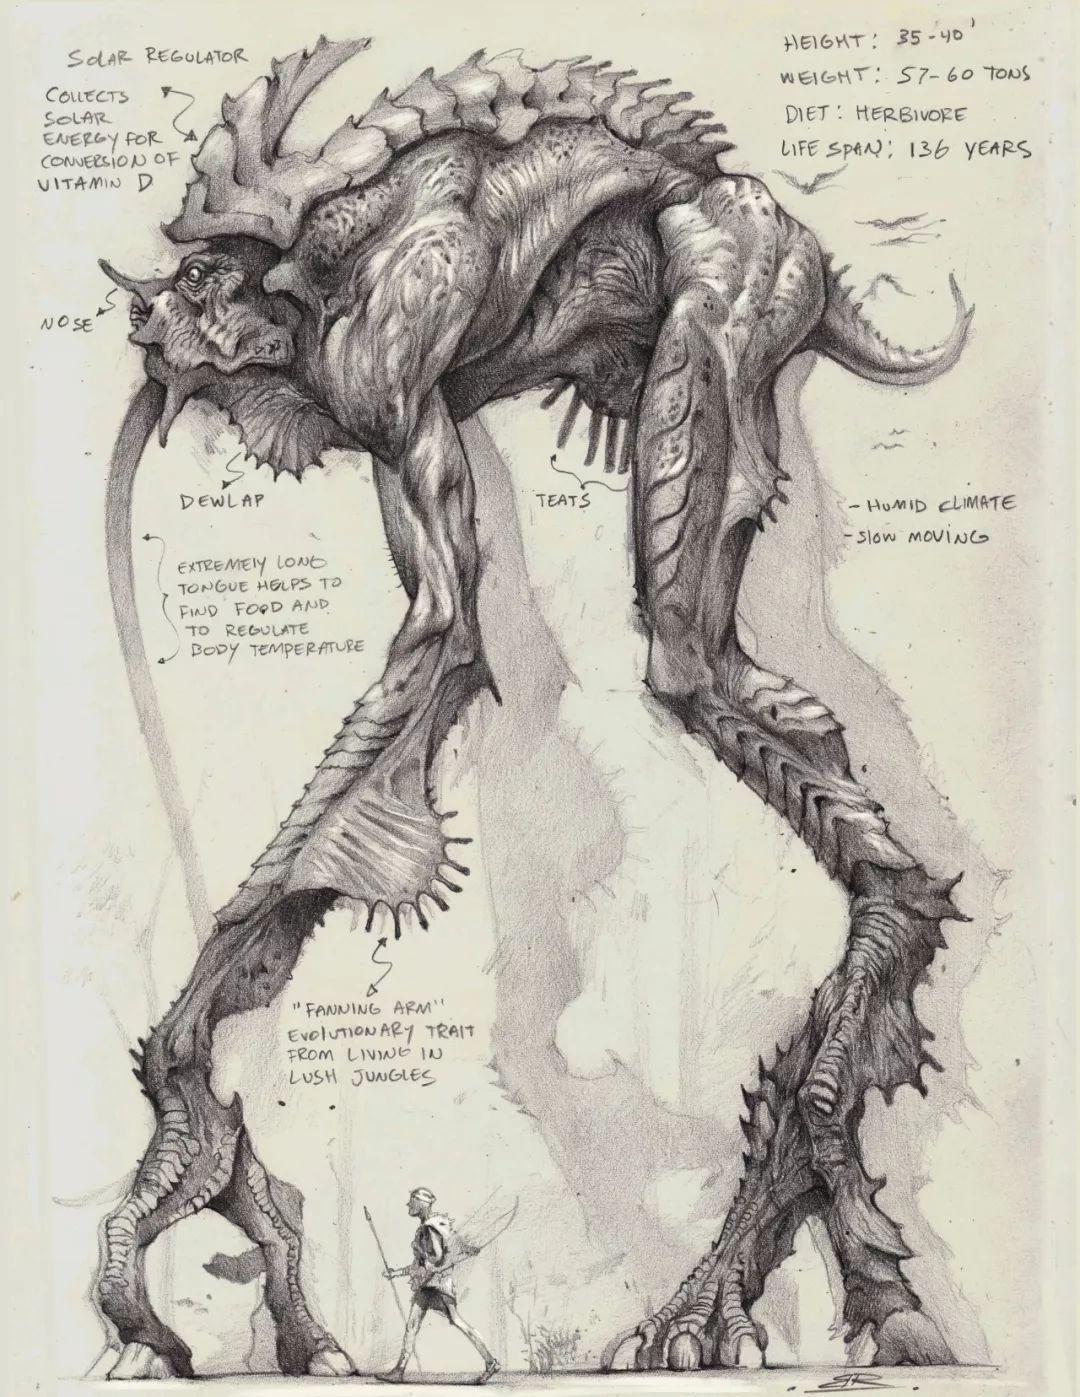 壁纸手绘怪兽大学